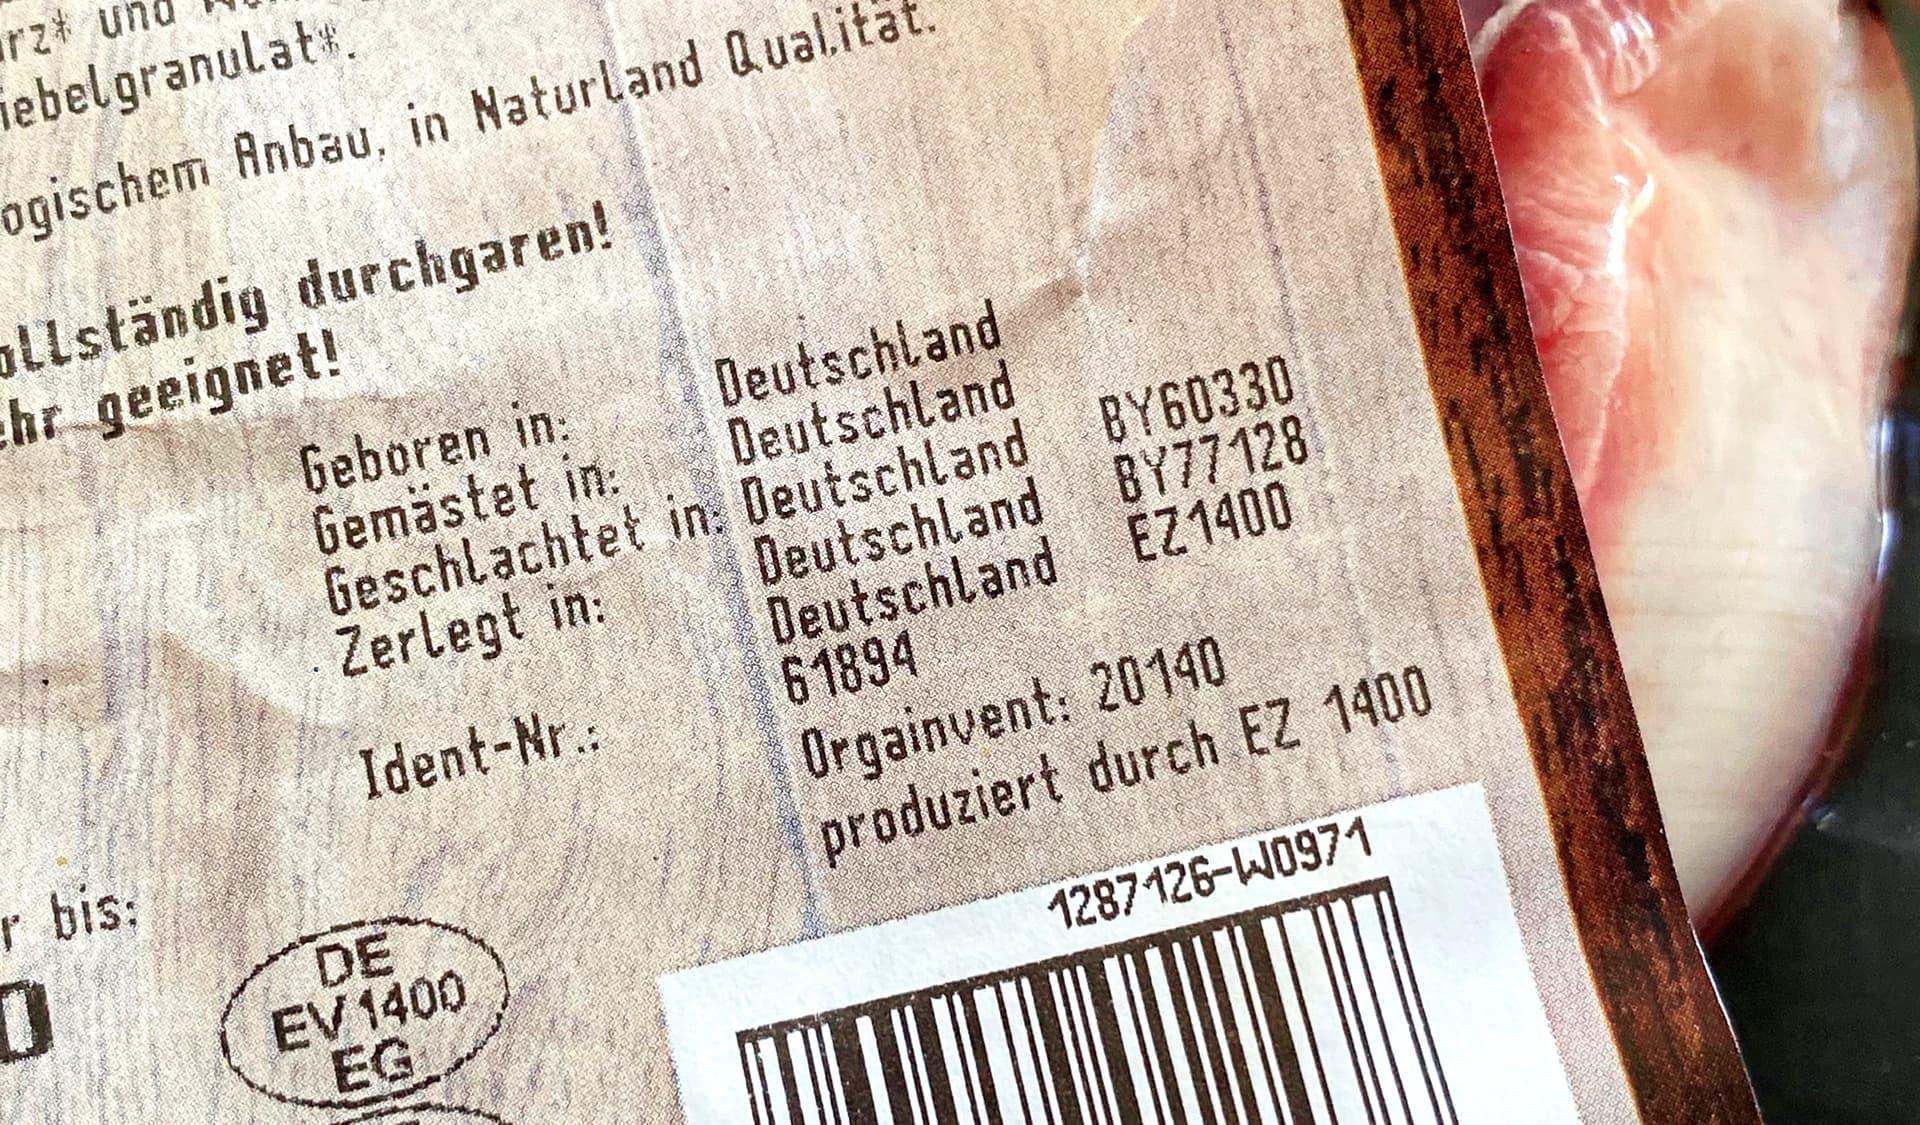 Schild auf einer Fleischverpackung mit Informationen über die Herkunft